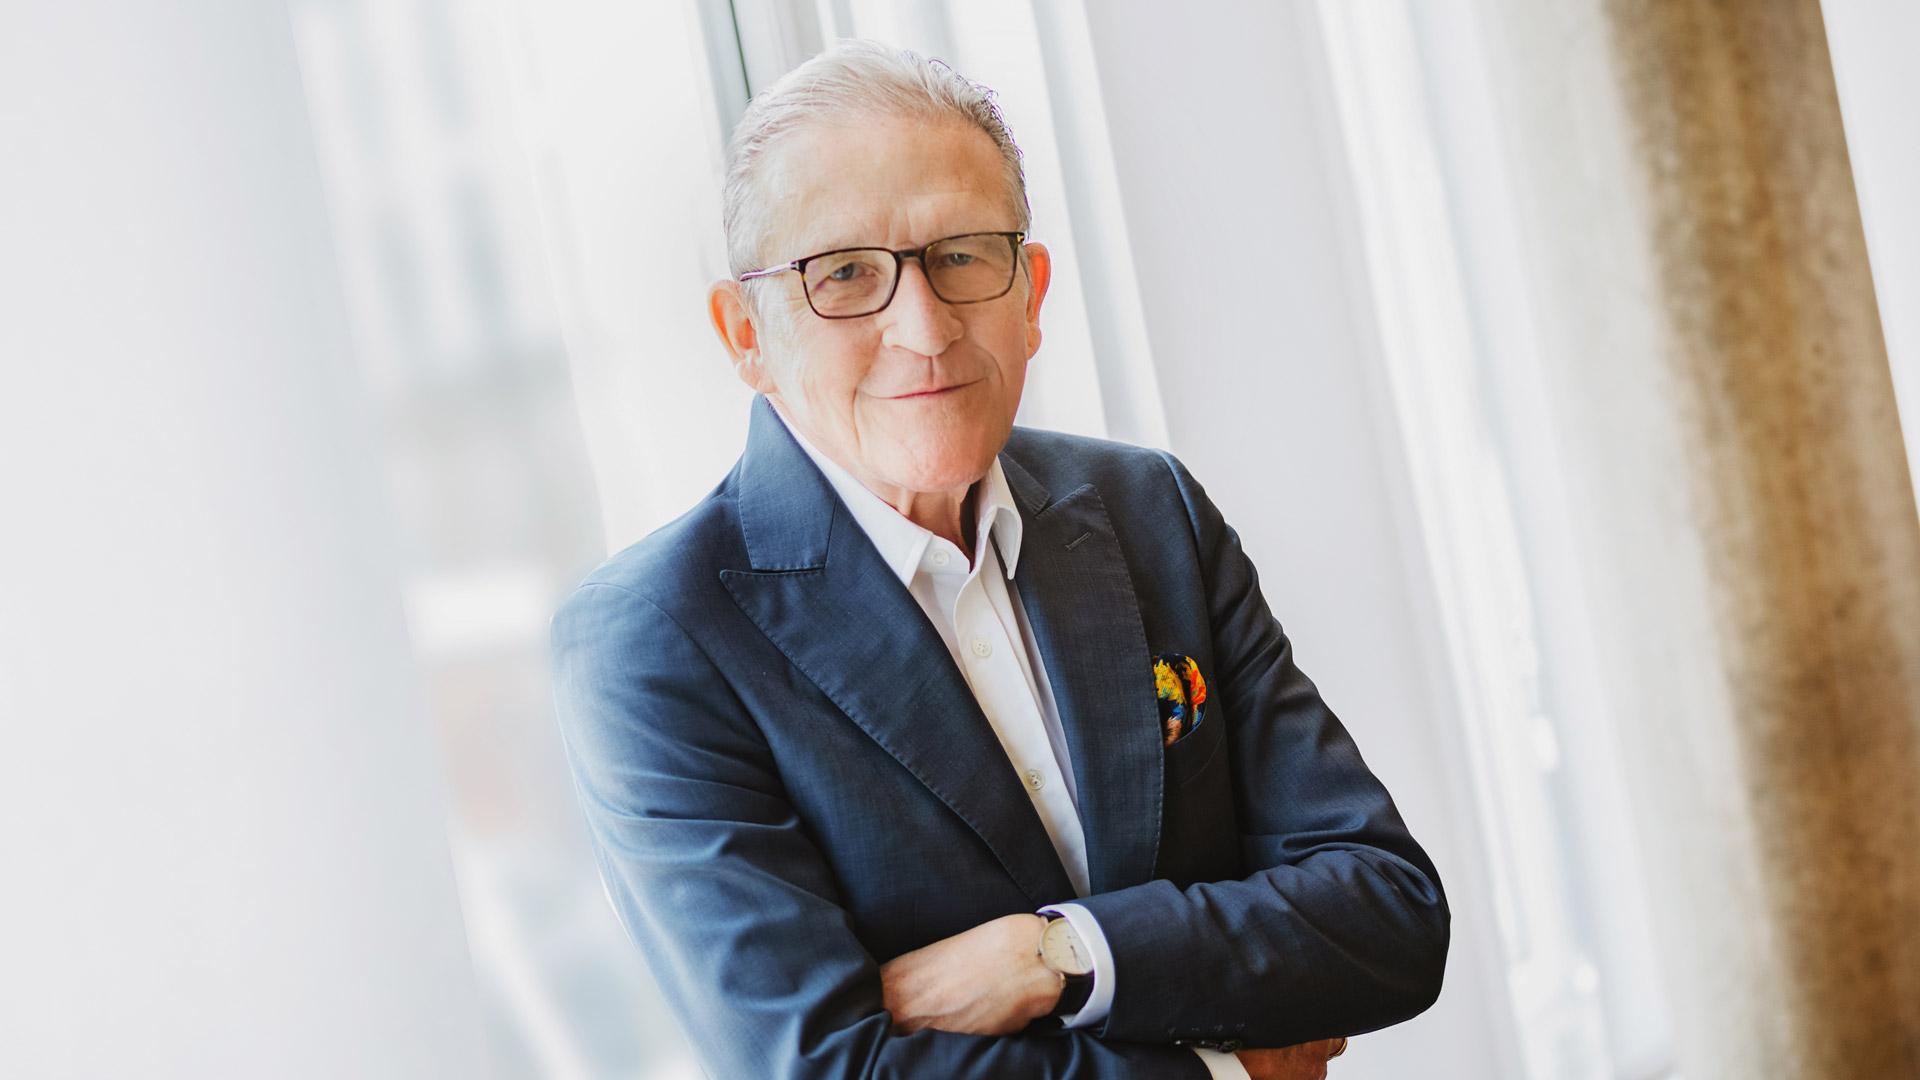 Kanzlei Dr. Lutz Rittmann, Fachanwalt für Baurecht, Architektenrecht, Familienrecht in Weiden